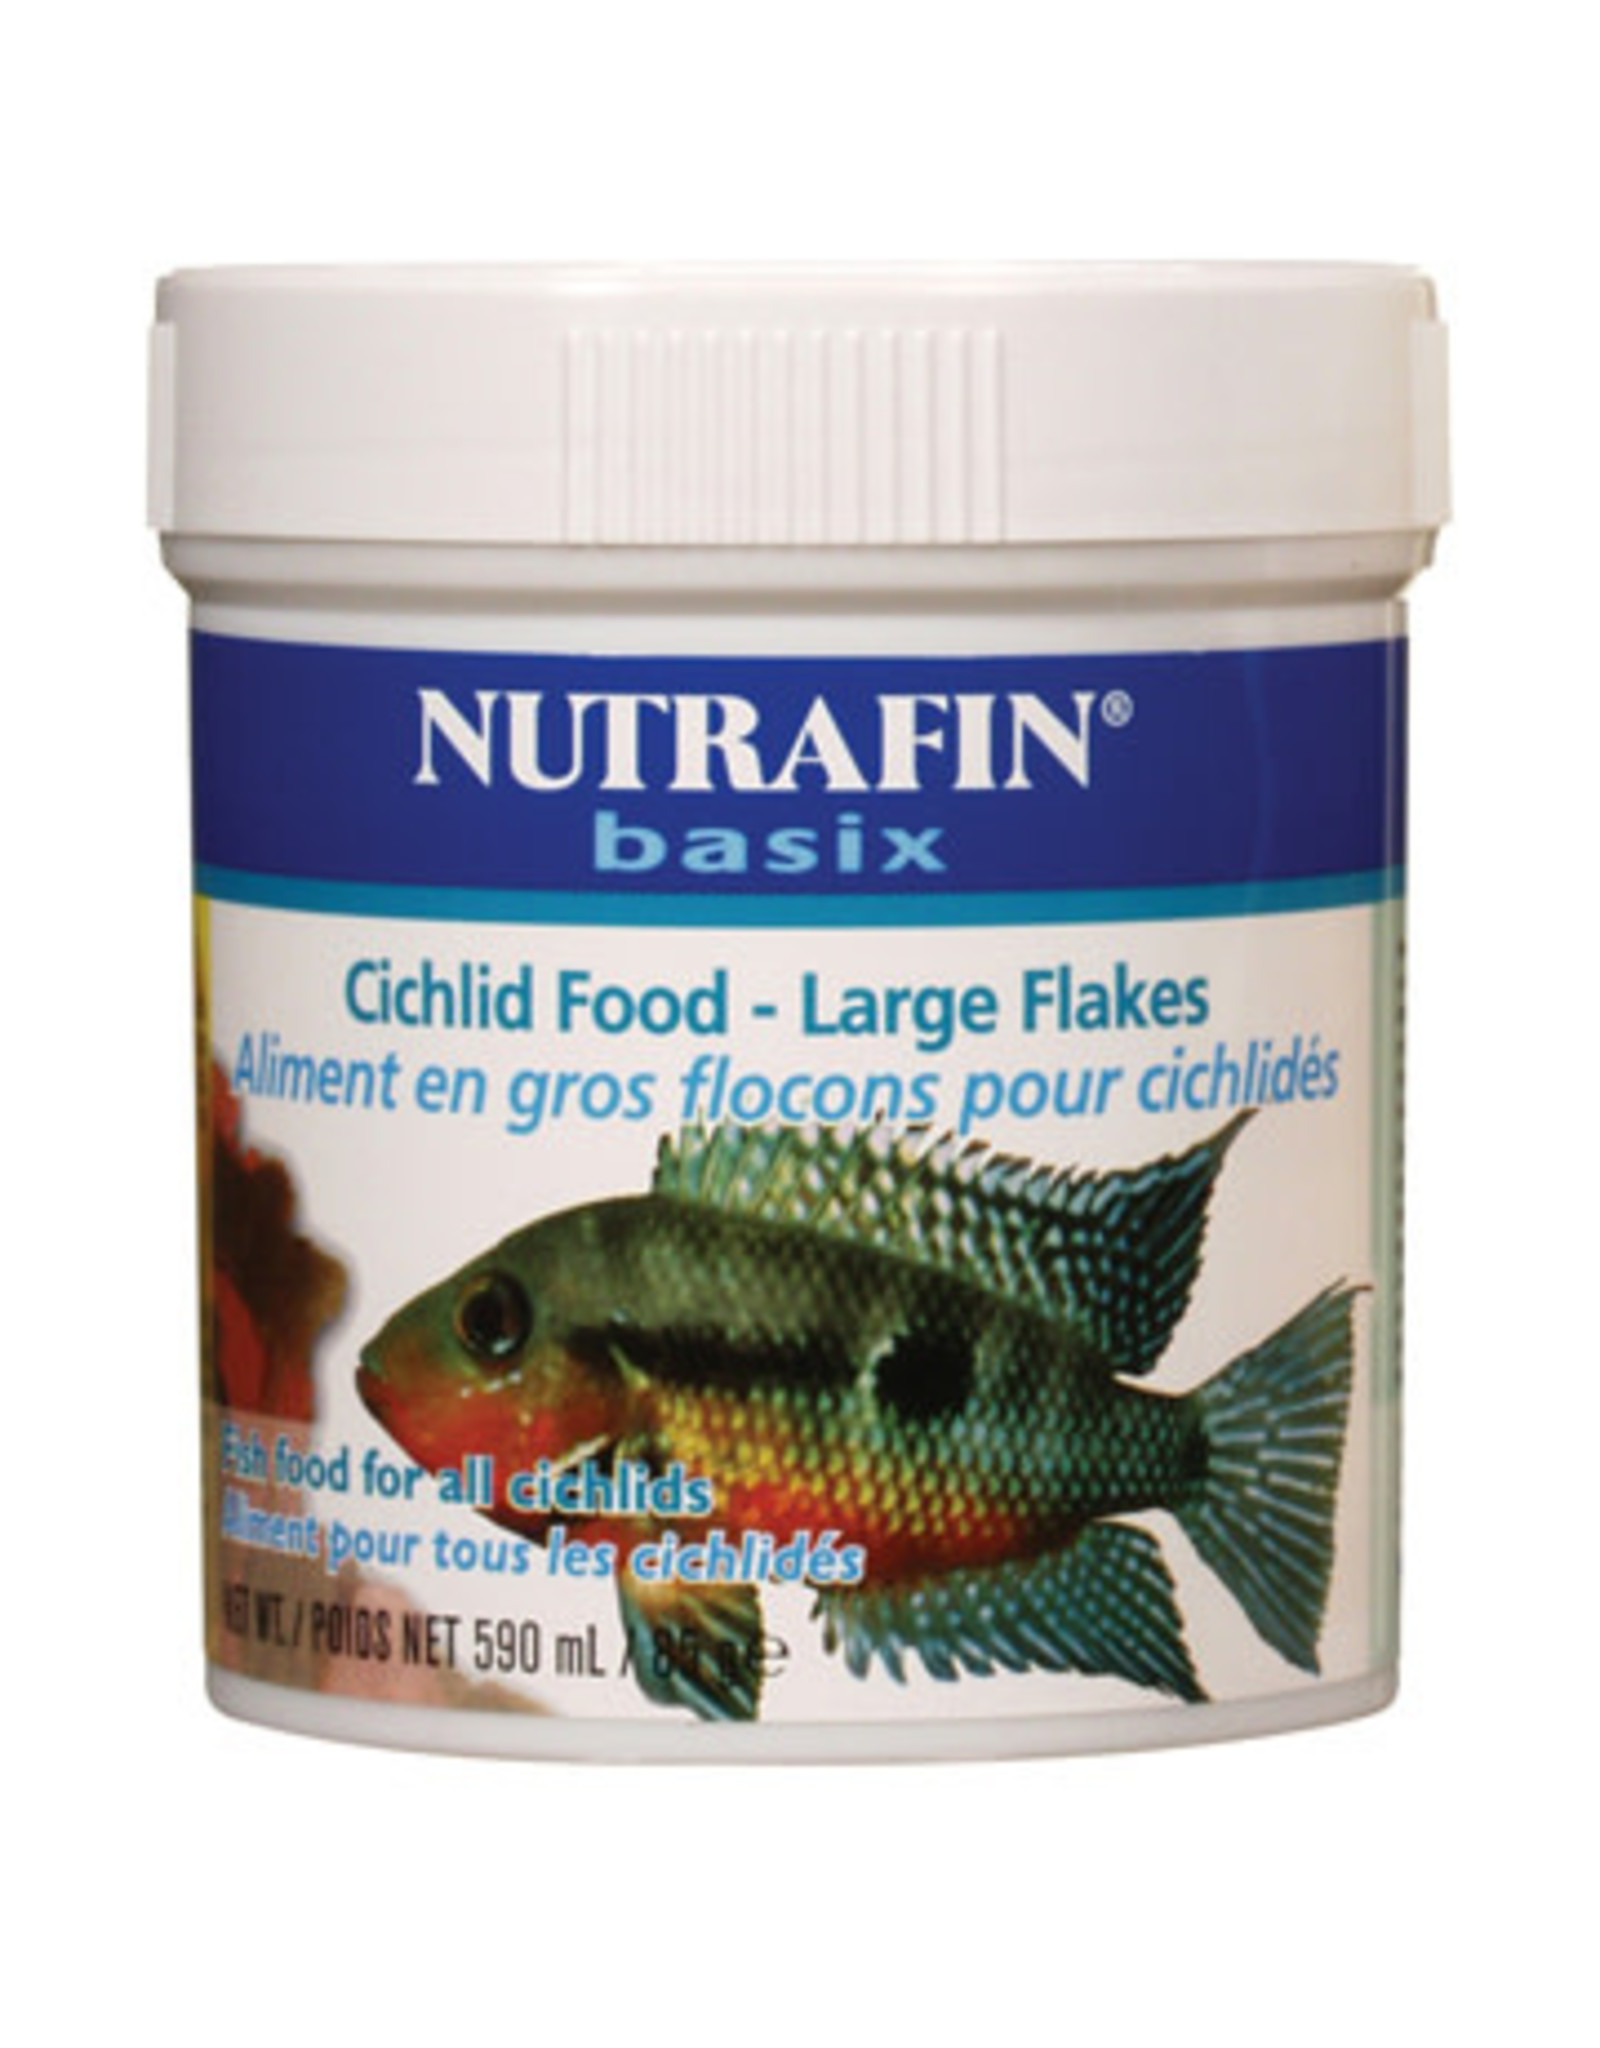 Nutrafin Nutrafin basix Cichlid Food, large flakes, 85 g (3 oz)